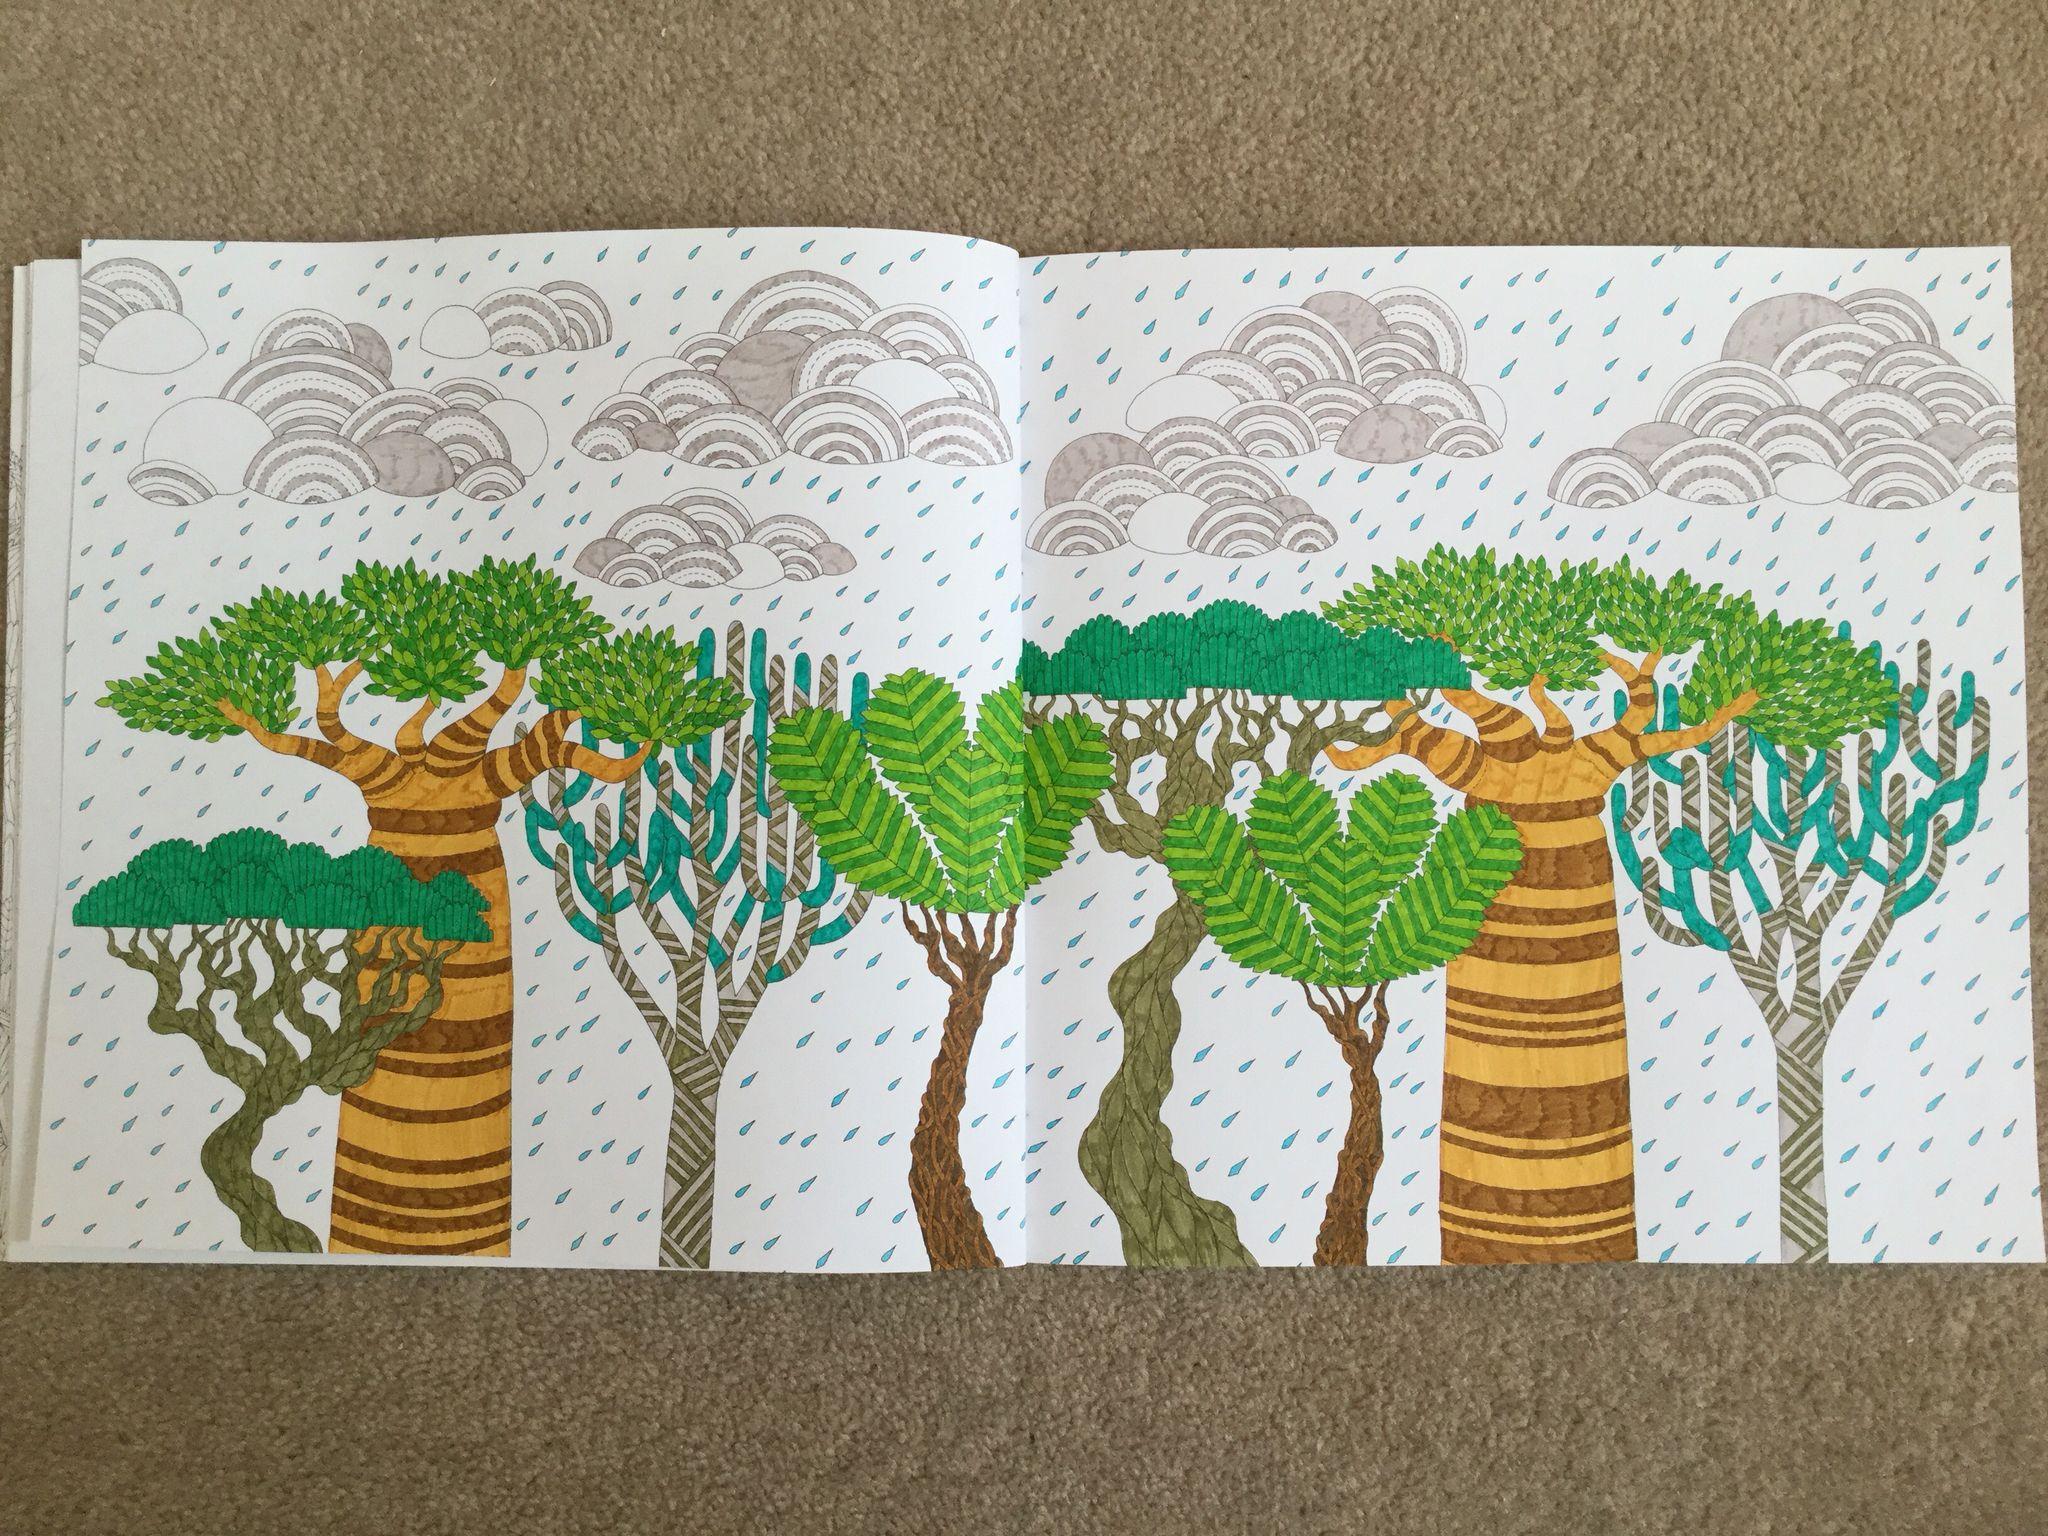 Raining on trees - Wild Savannah Book, Millie Marotta | Millie ...